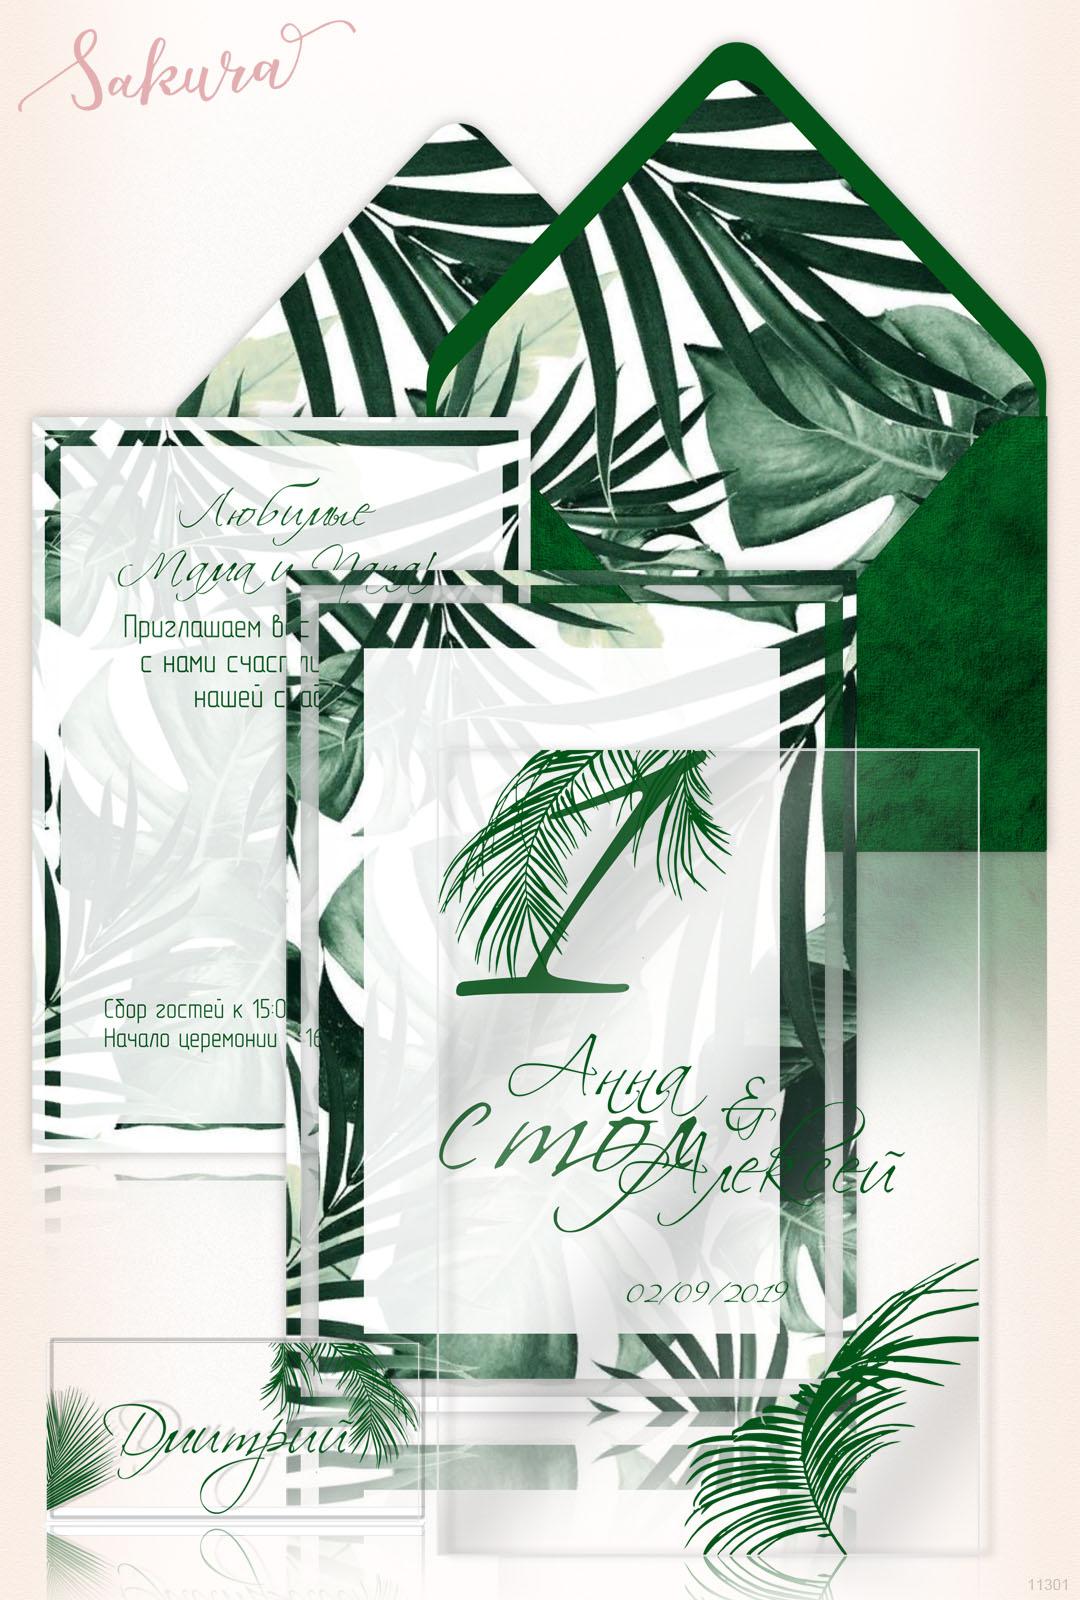 Прозрачные приглашение на свадьбу. Стекло, Зеленый пятнистый бархат. Глянцевый вкладыш